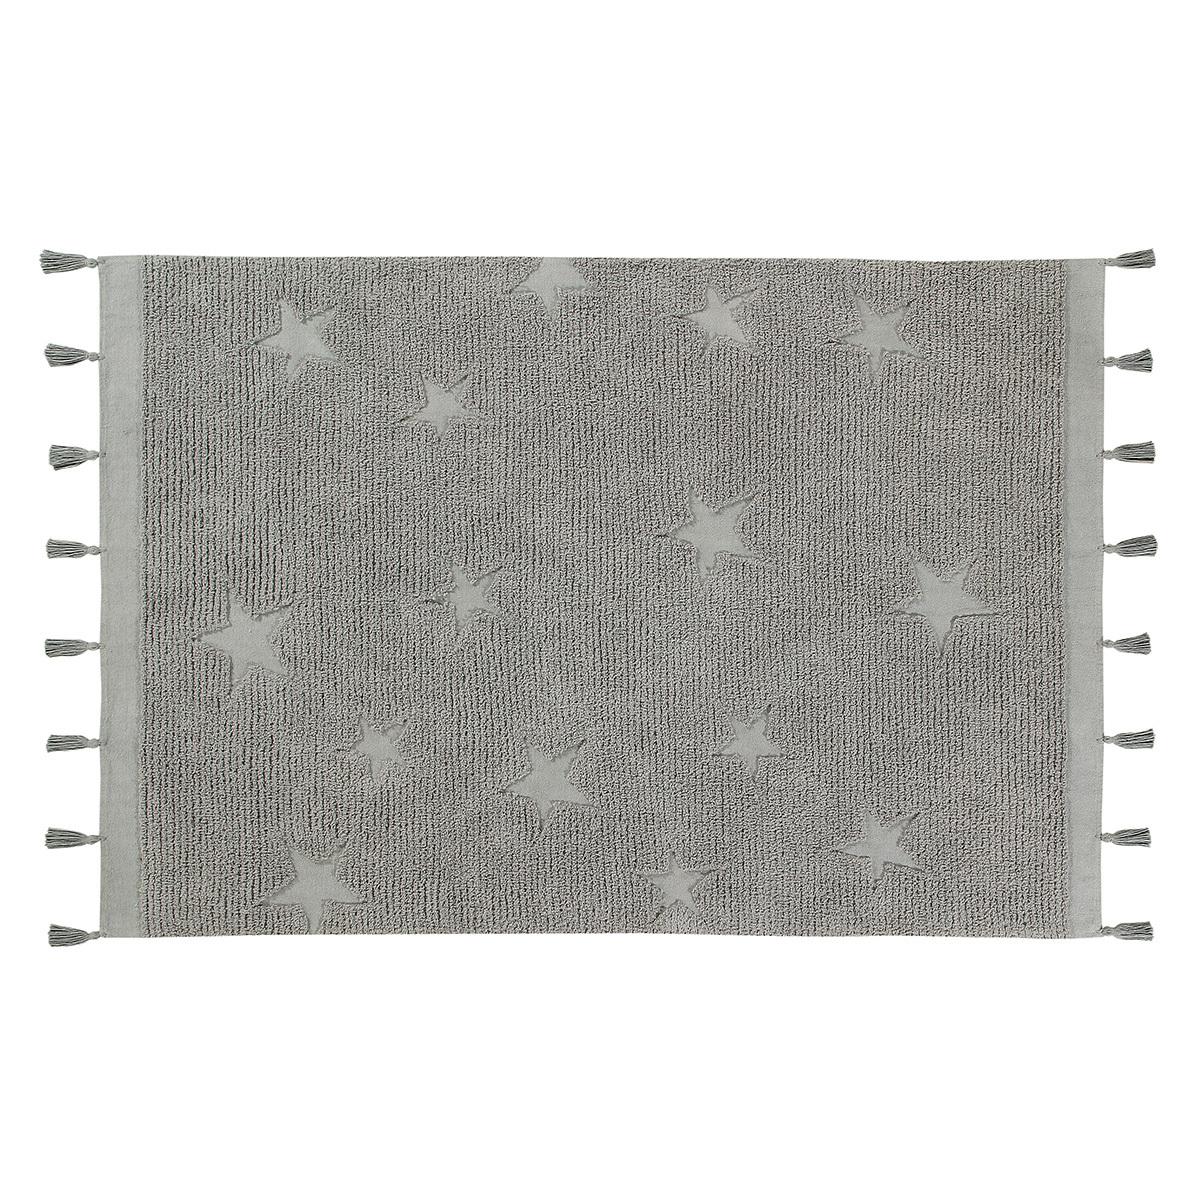 Tapis Tapis Lavable Hippy Stars Gris - 120 x 175 cm Tapis Lavable Hippy Stars Gris - 120 x 175 cm